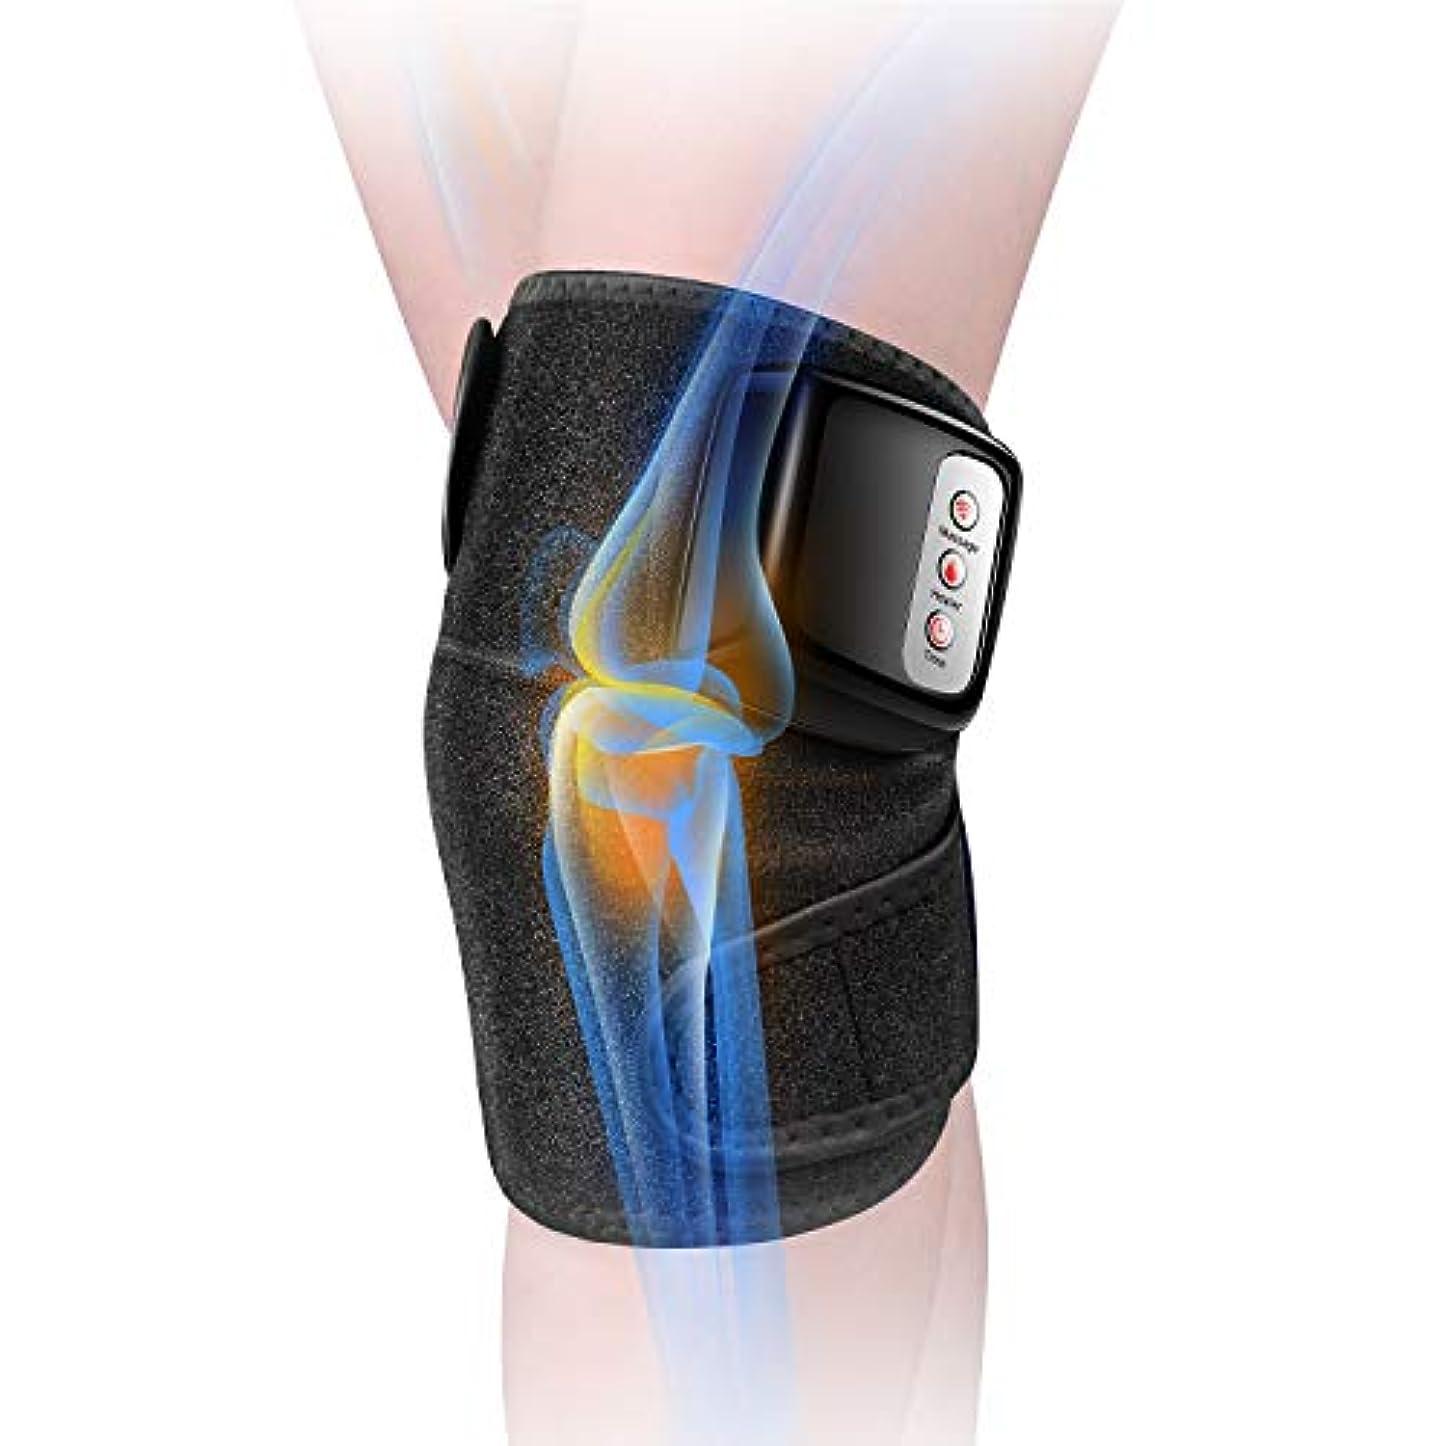 パーティション心配怖がって死ぬ膝マッサージャー 関節マッサージャー マッサージ器 フットマッサージャー 振動 赤外線療法 温熱療法 膝サポーター ストレス解消 肩 太もも/腕対応